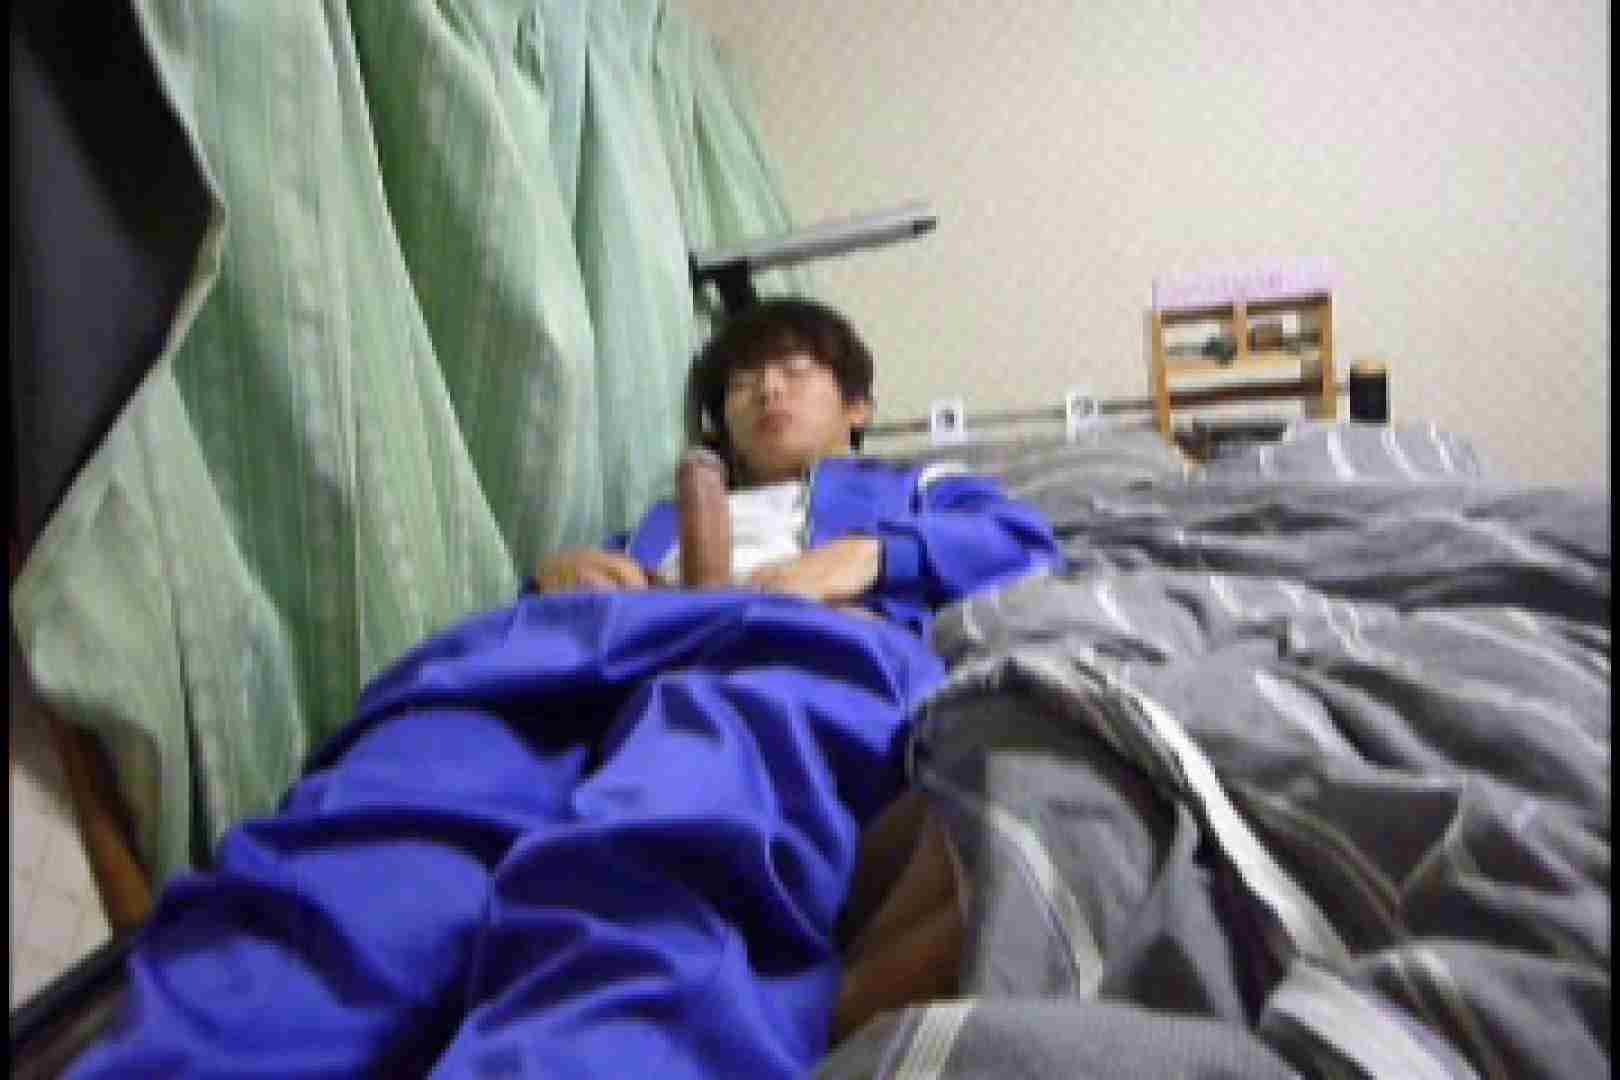 オナ好きノンケテニス部員の自画撮り投稿vol.06 ゲイのオナニー映像 尻マンコ画像 75枚 47